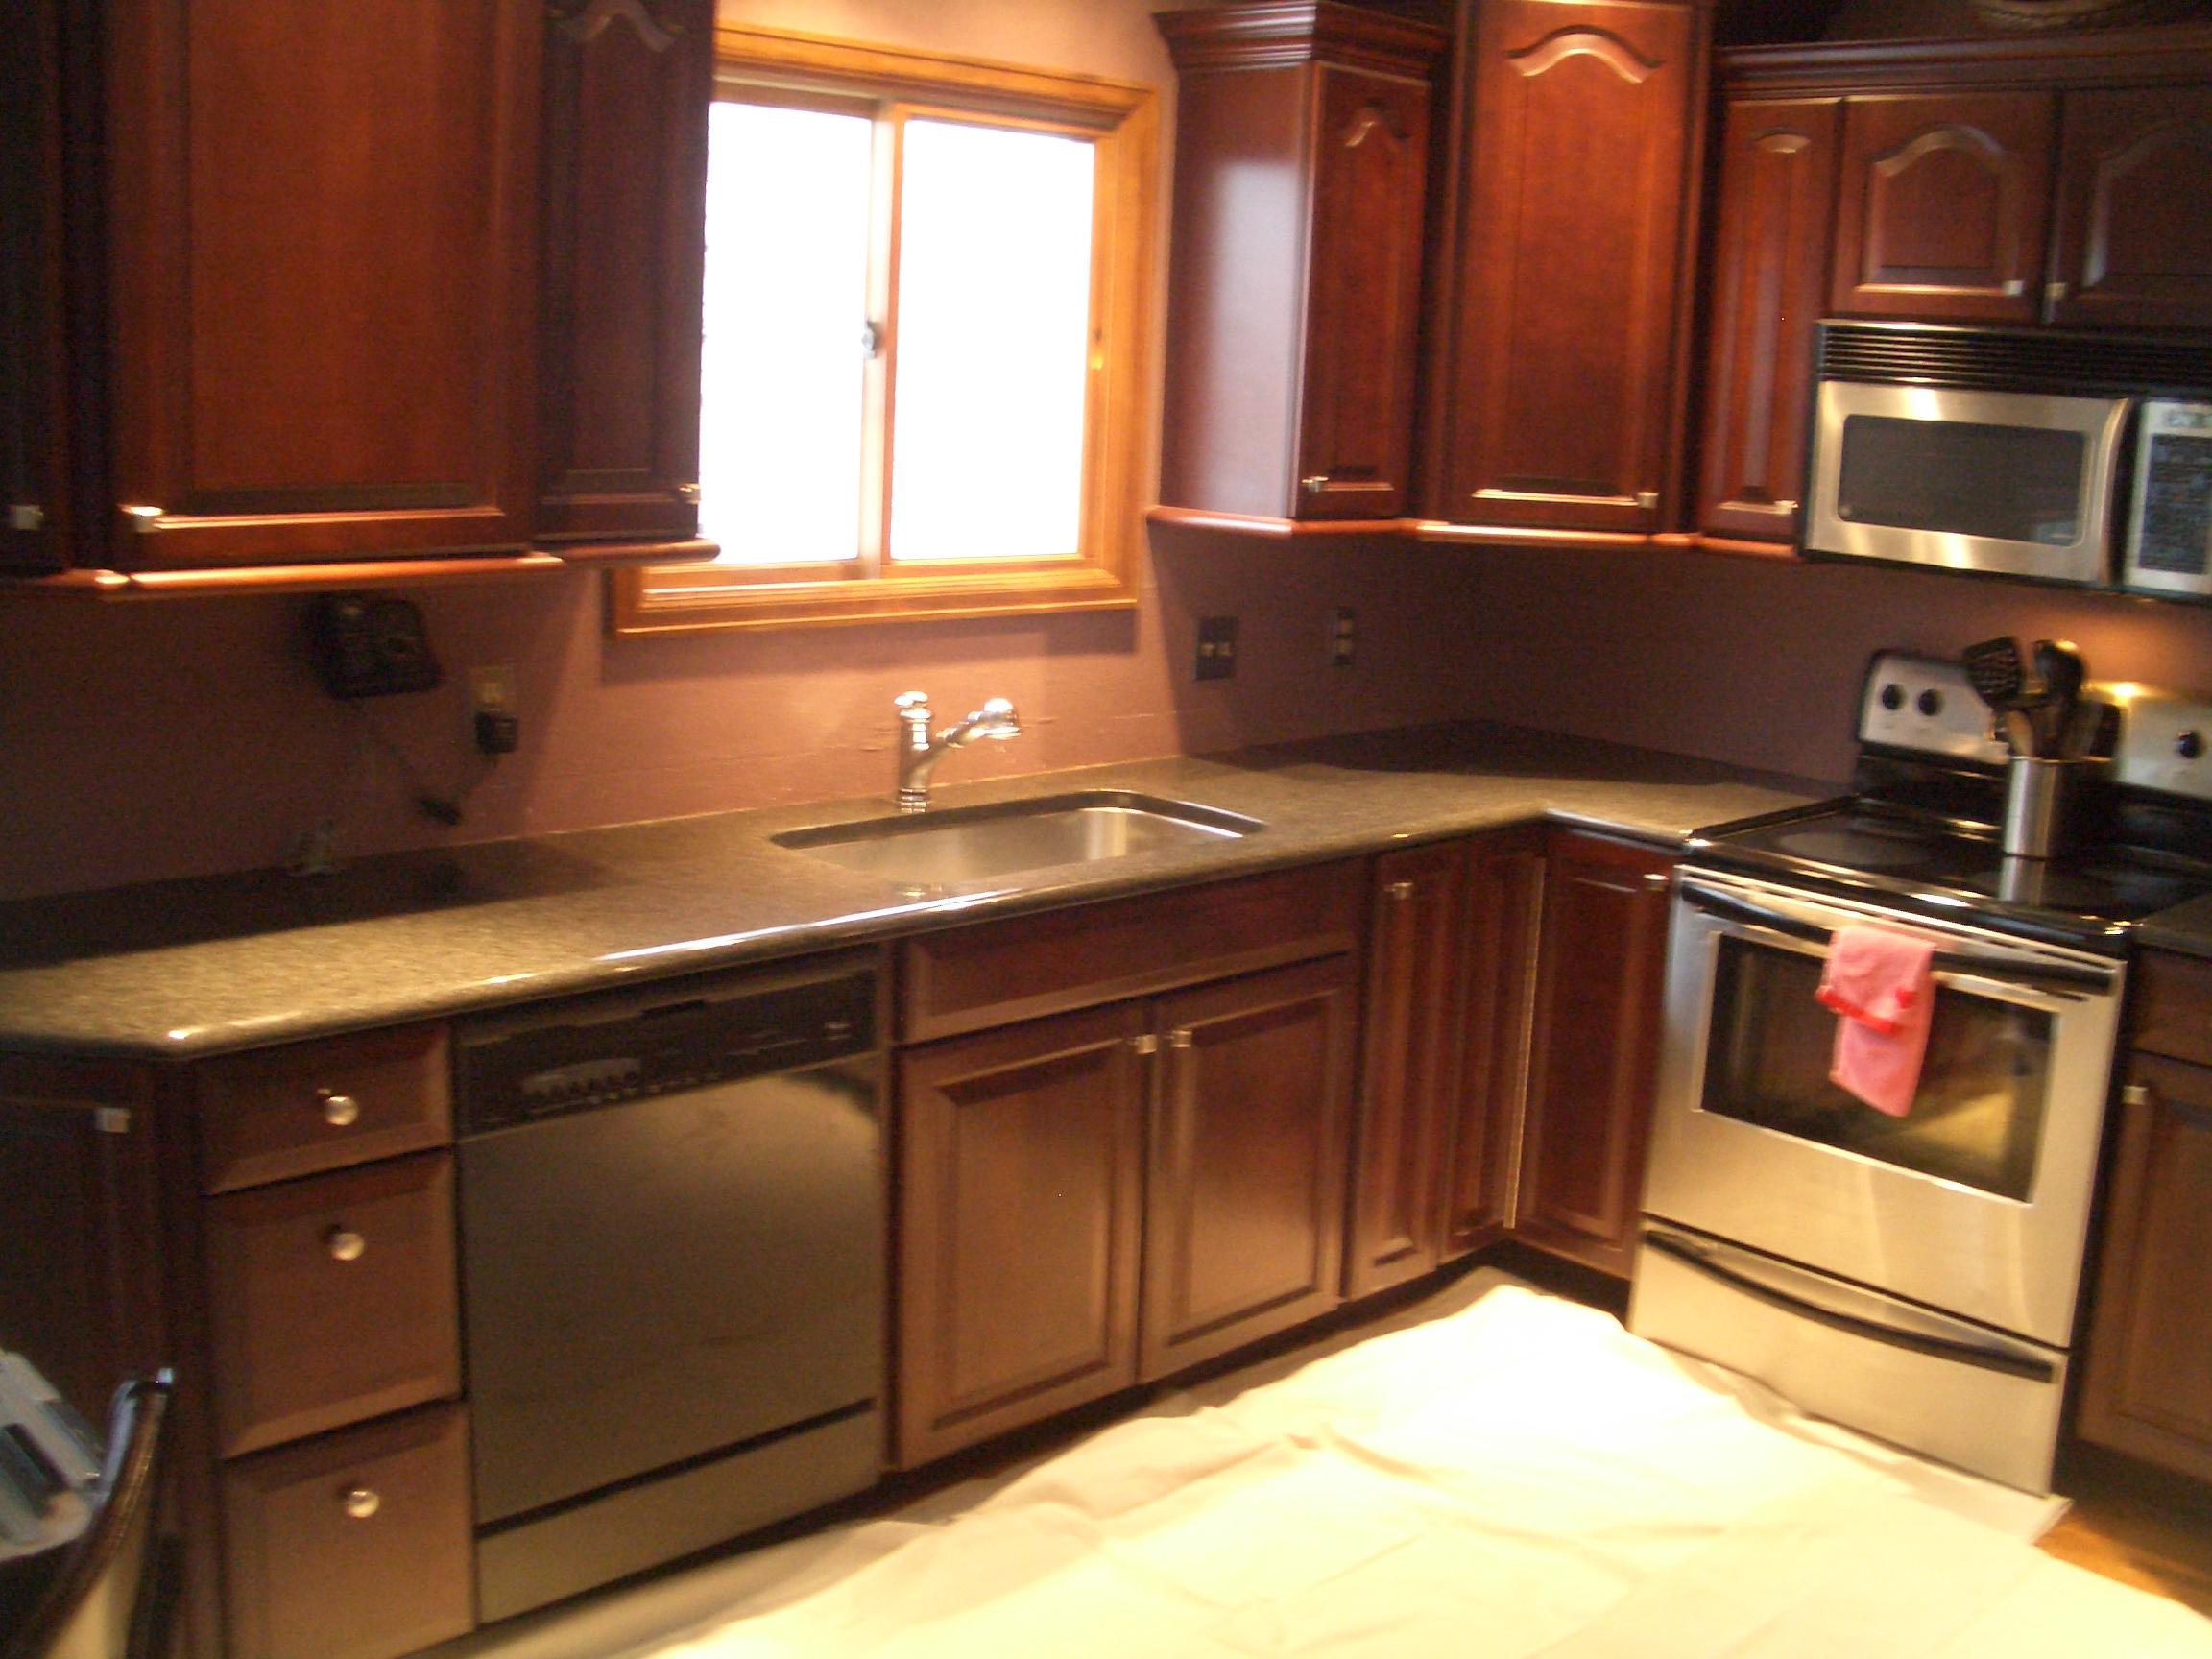 glass tile kitchen backsplash in fort collins backsplash kitchen tile Glass tile backsplash before